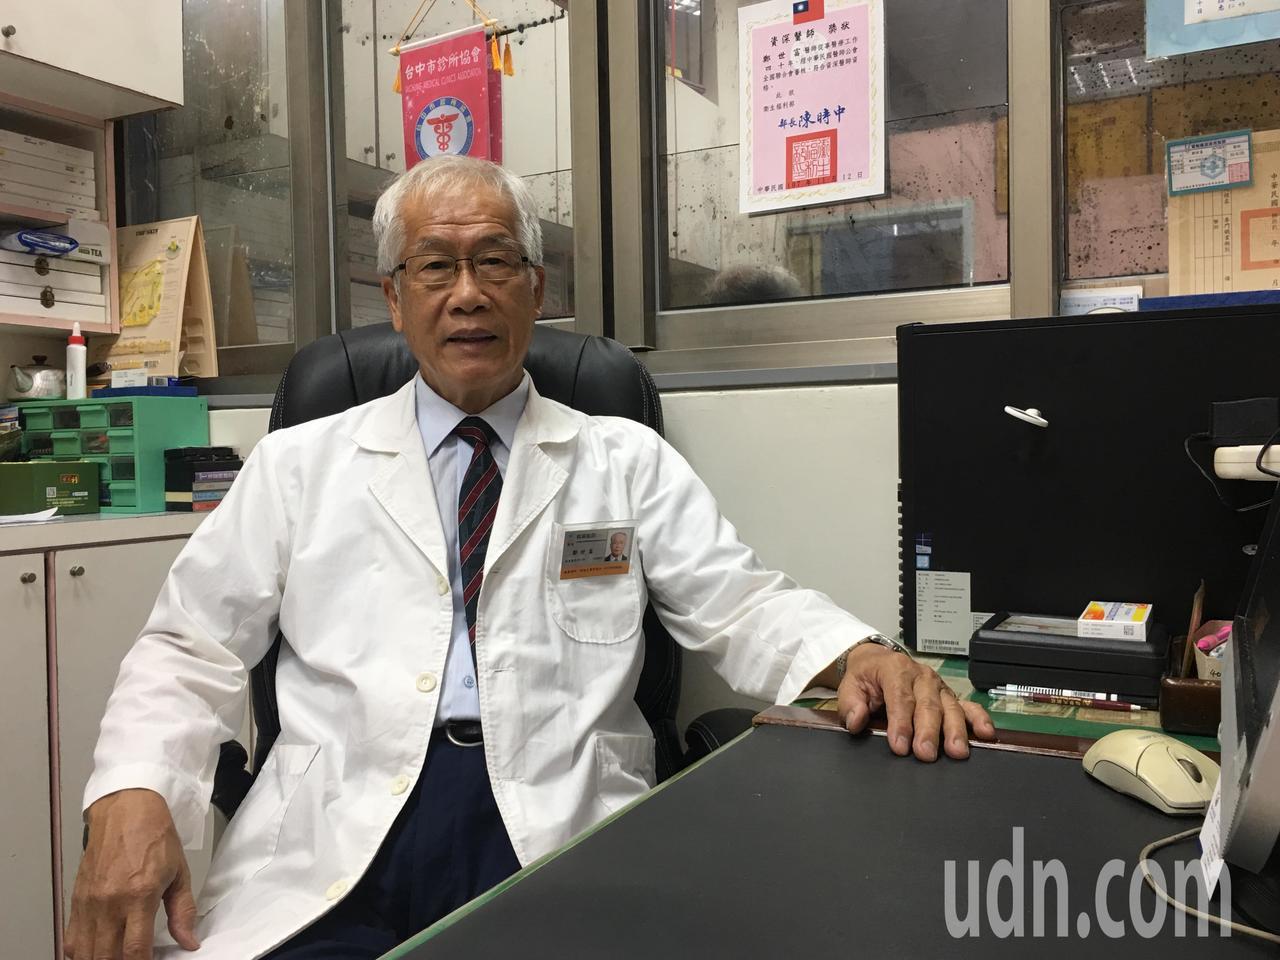 台灣順勢醫學會前理事長、開業皮膚科診所醫師鄭世富表示,順勢療法是在醫師評估後,提...